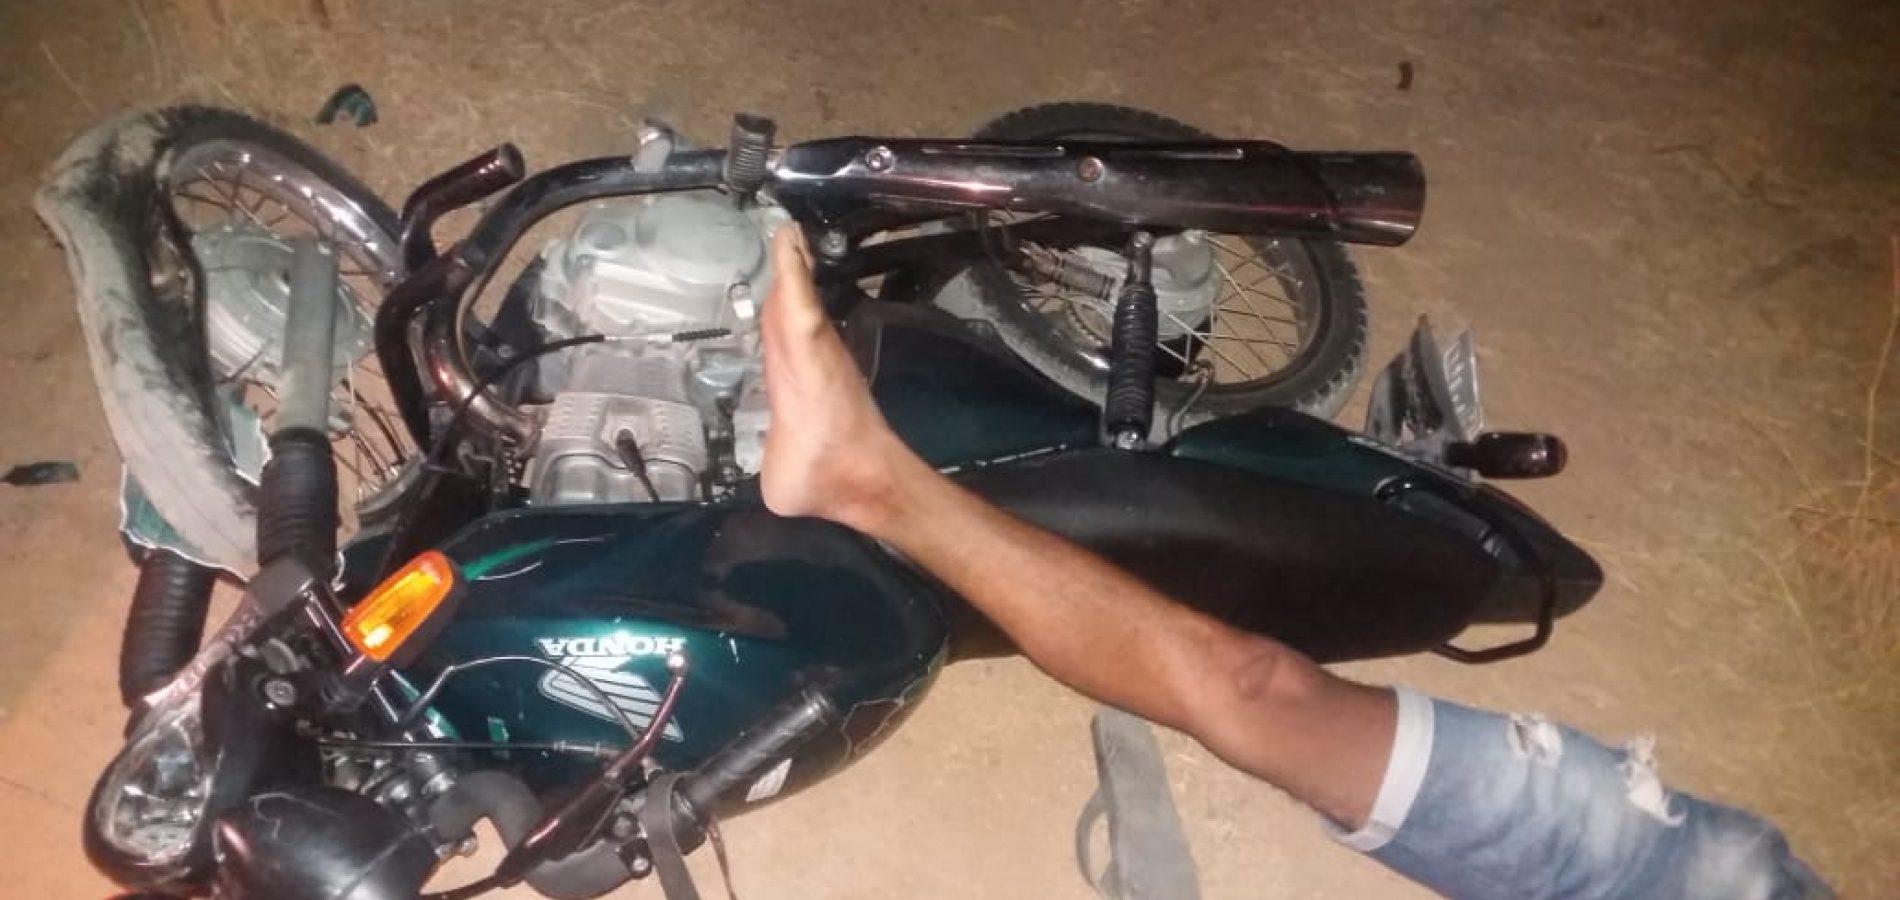 Motociclista morre após colidir com poste no interior de Padre Marcos